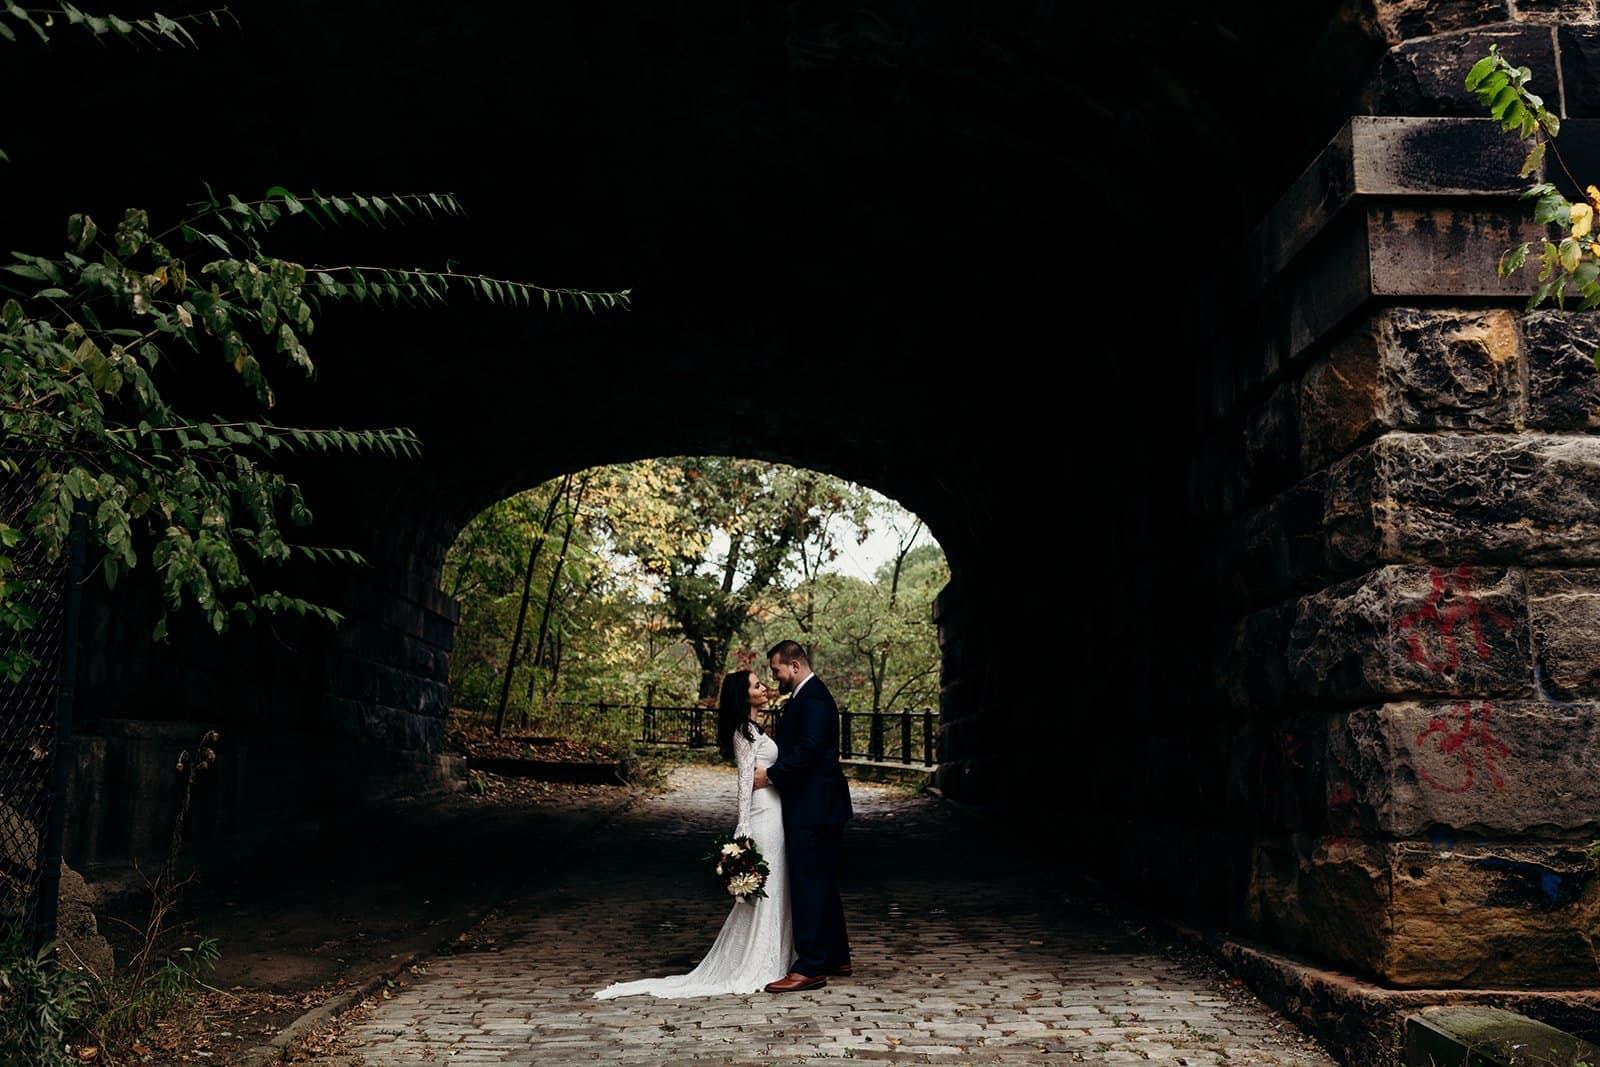 newly weds pose for photo under bridge